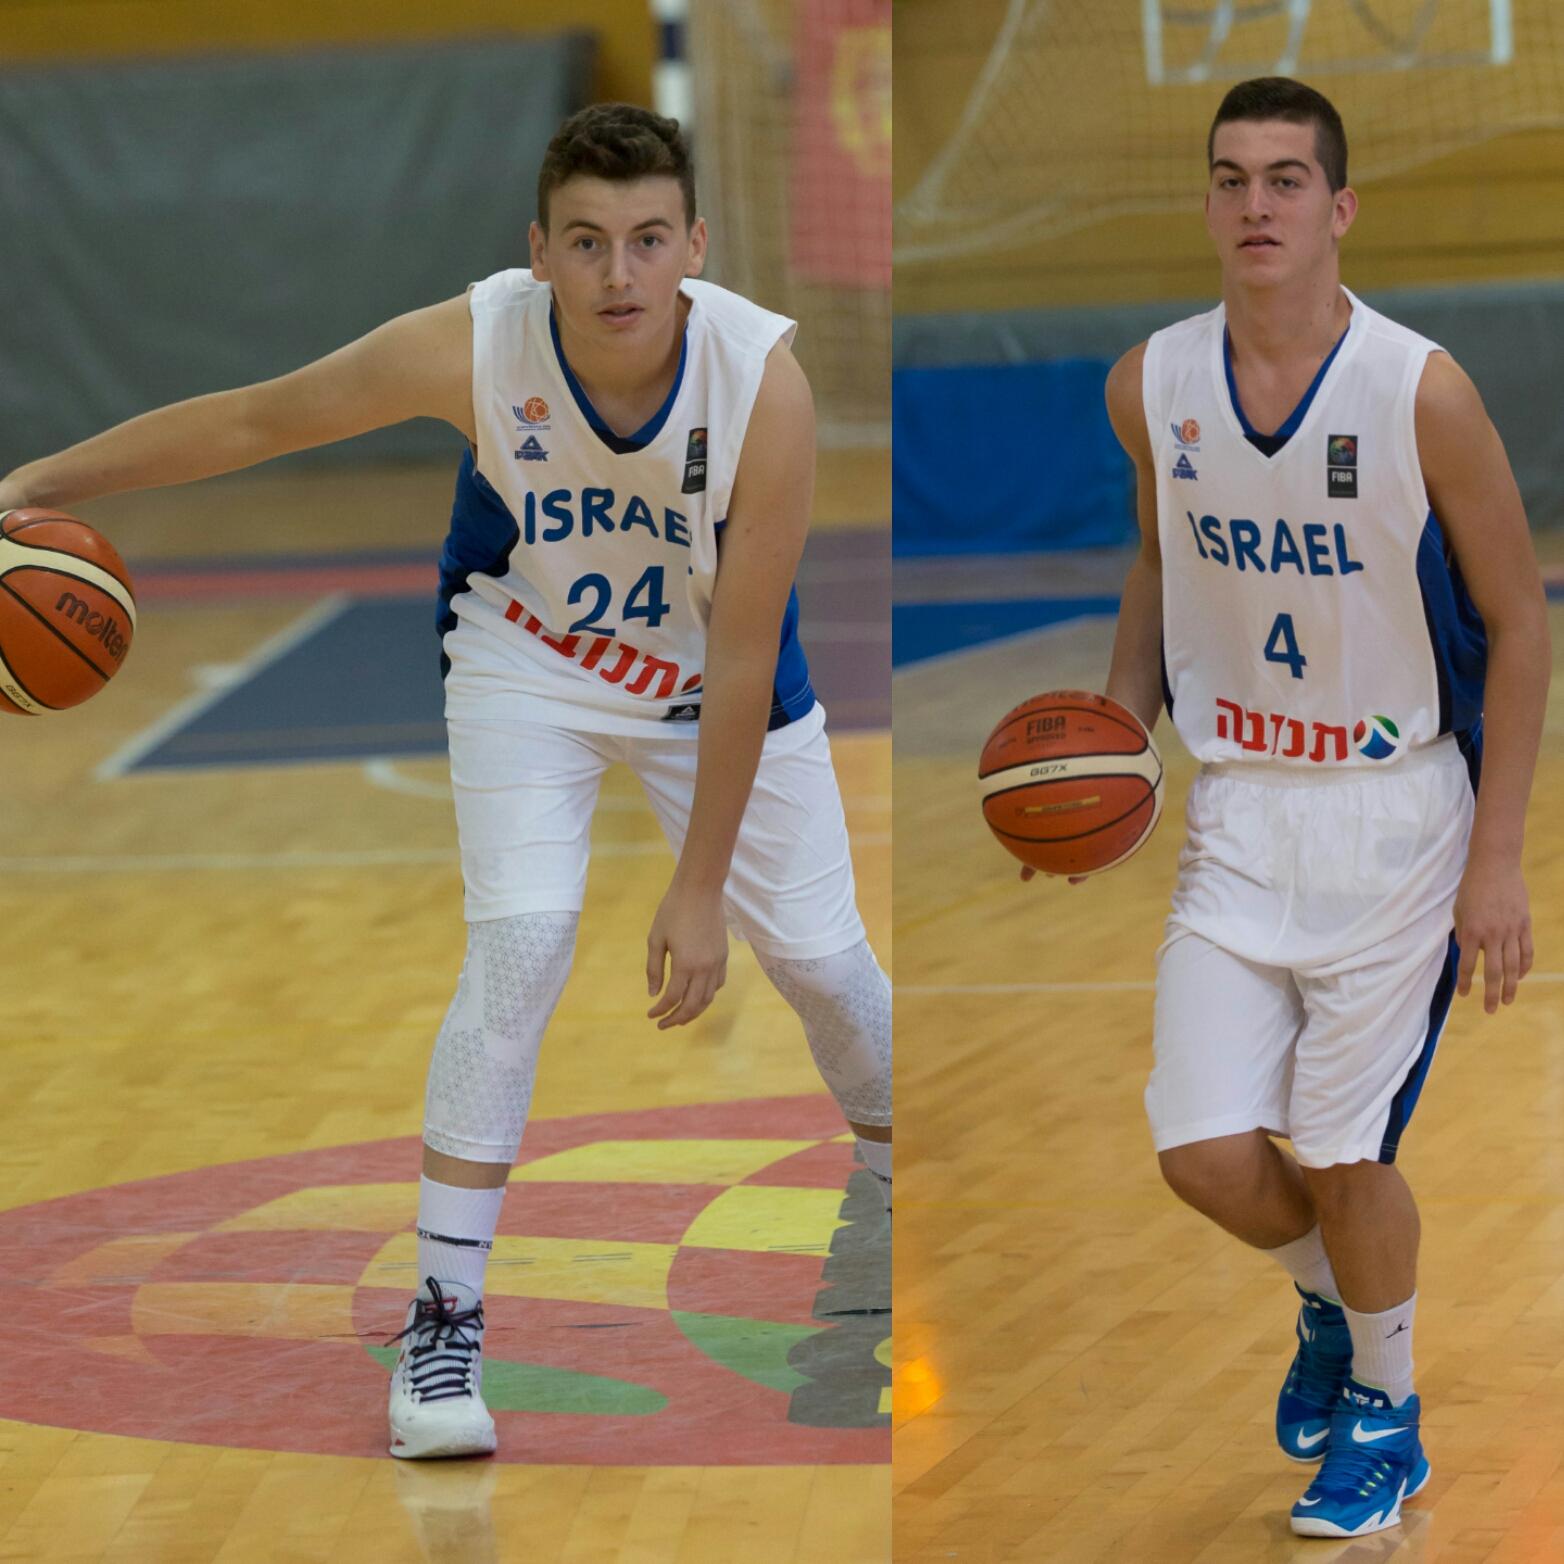 נבחרת הנוער יוצאת לטורניר הכנה באיטליה לקראת אליפות אירופה בטורקיה